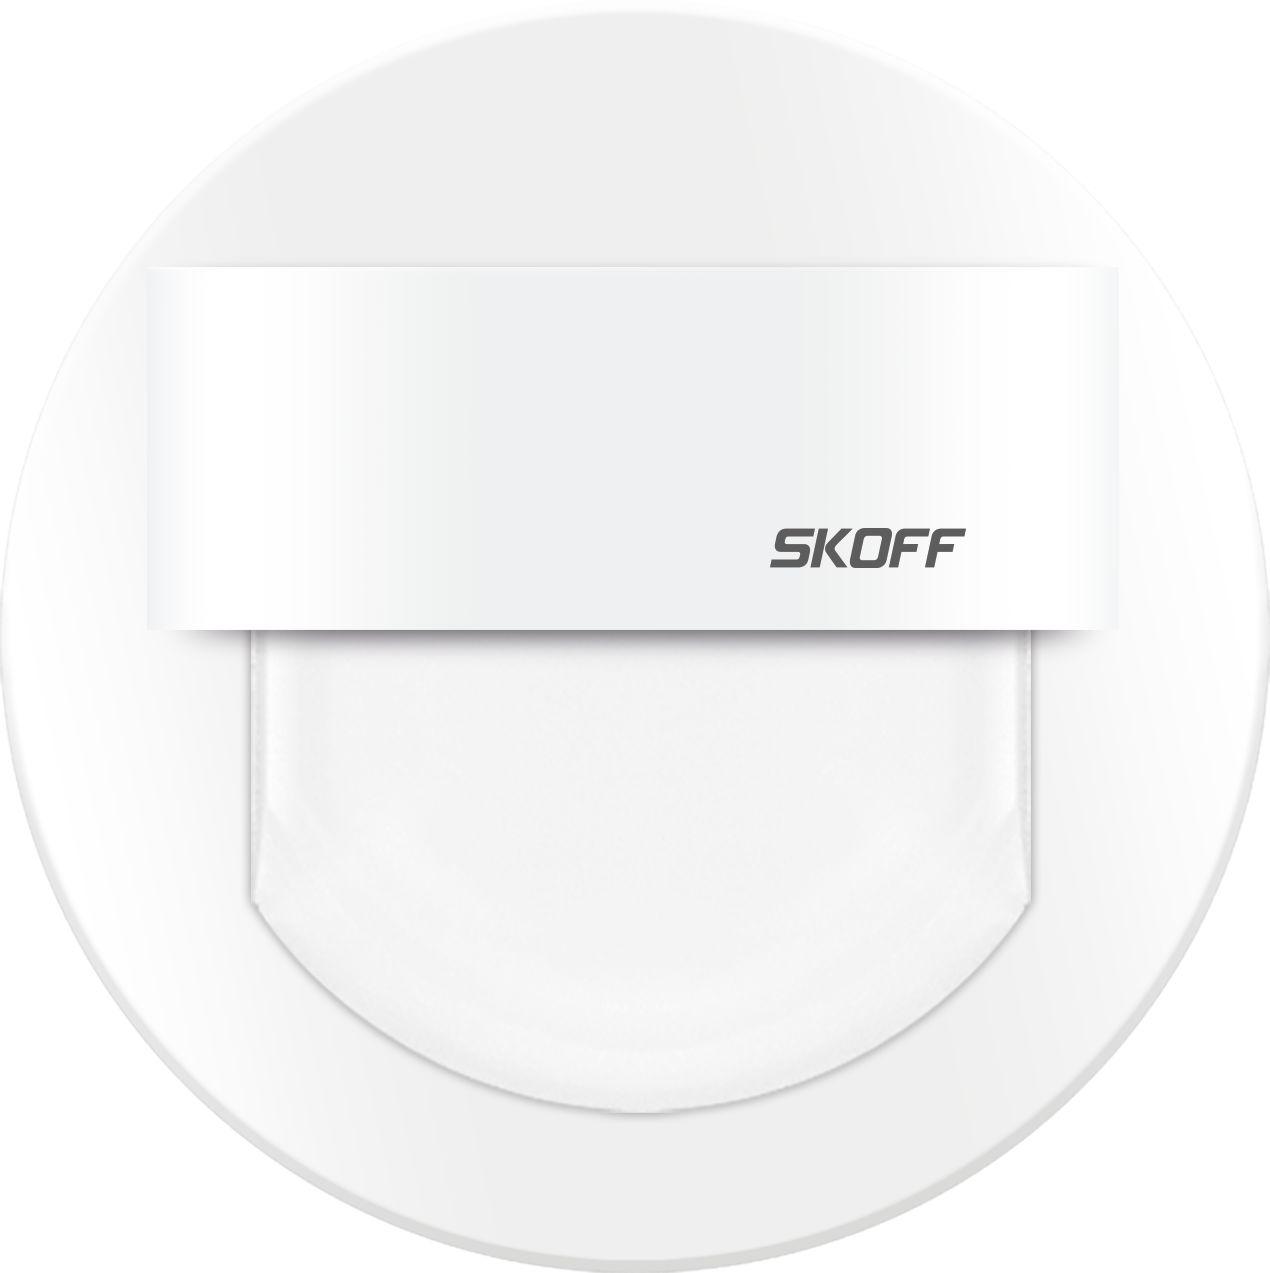 Oprawa schodowa Rueda Skoff 10V okrągła oprawa w kolorze białym